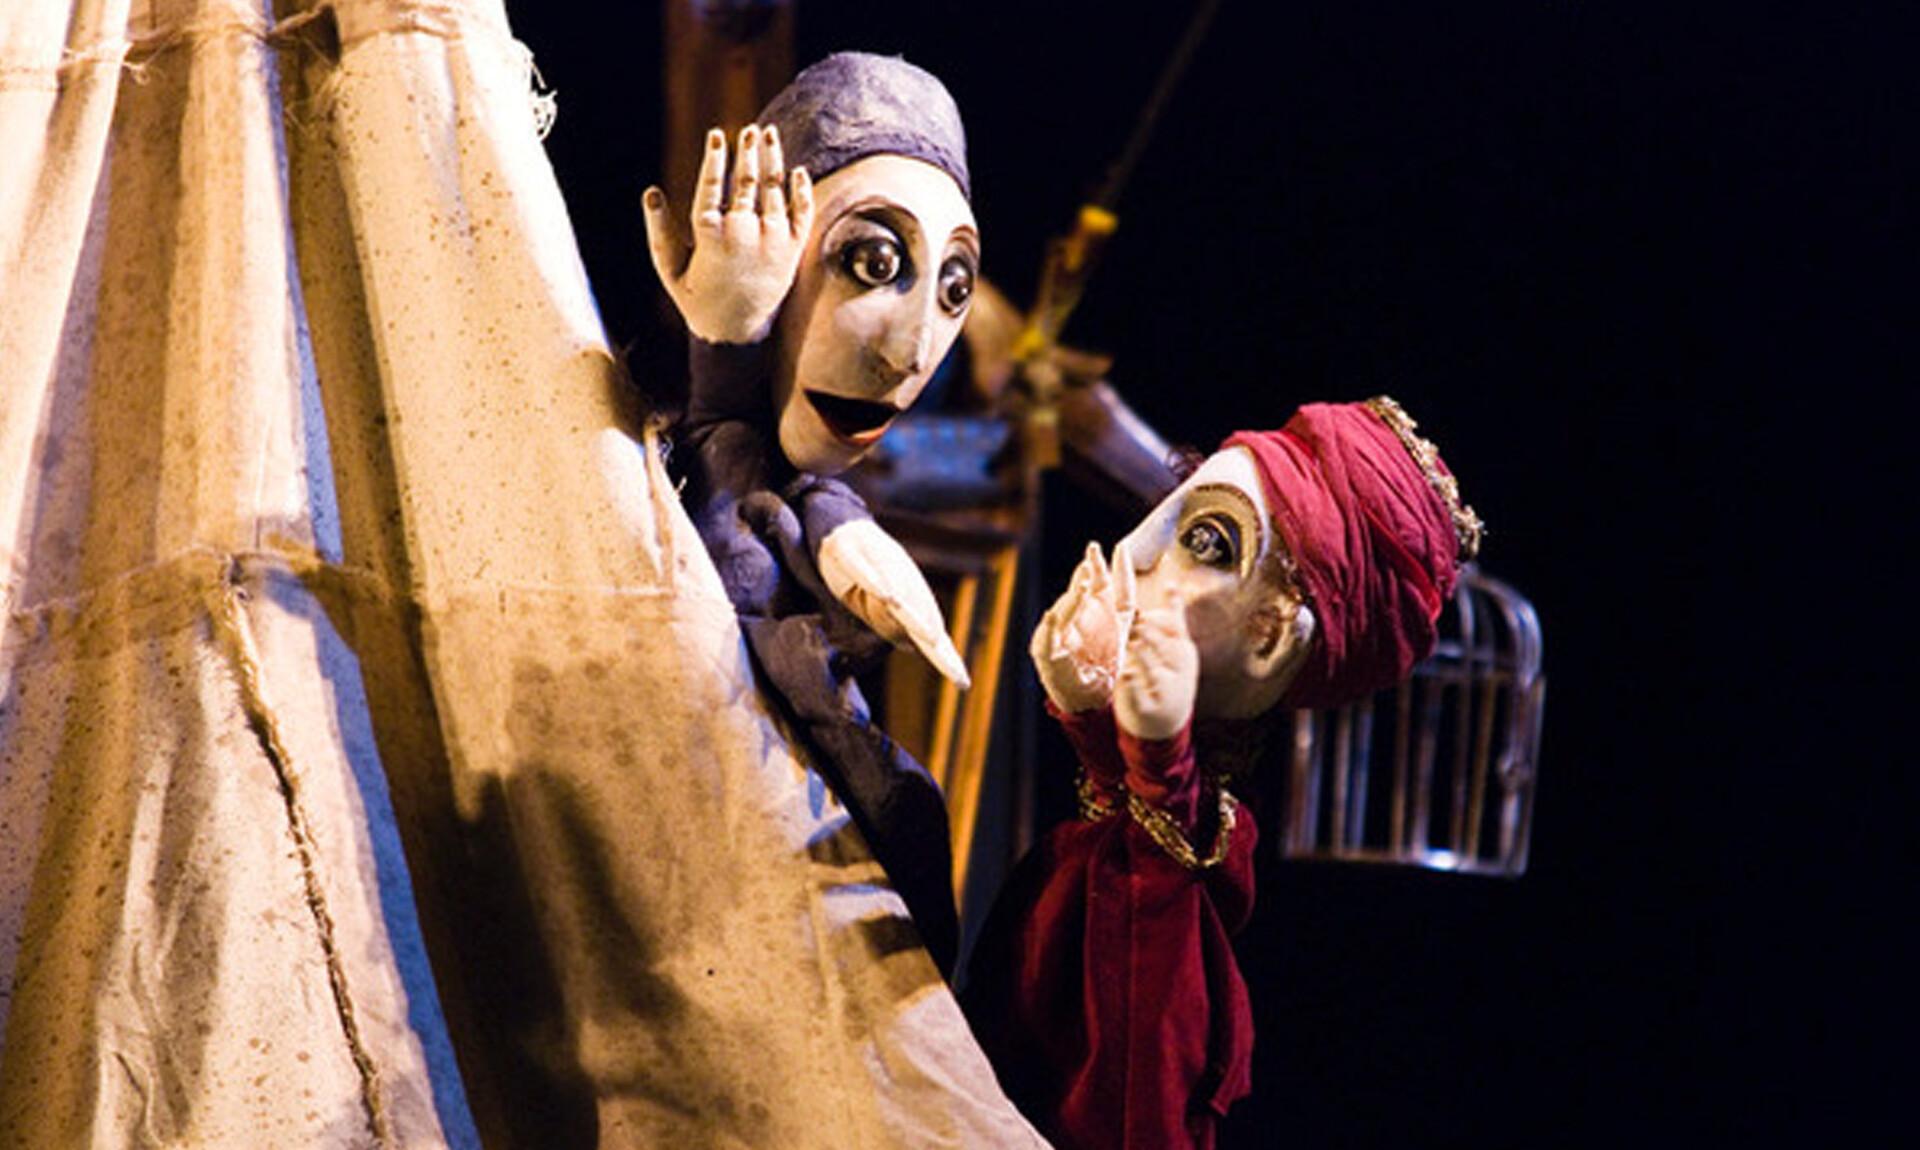 Festival Verdi 2019: Nabuccolo  Spettacolo musicale tratto da Nabucco di Giuseppe Verdi  Da 3 anni